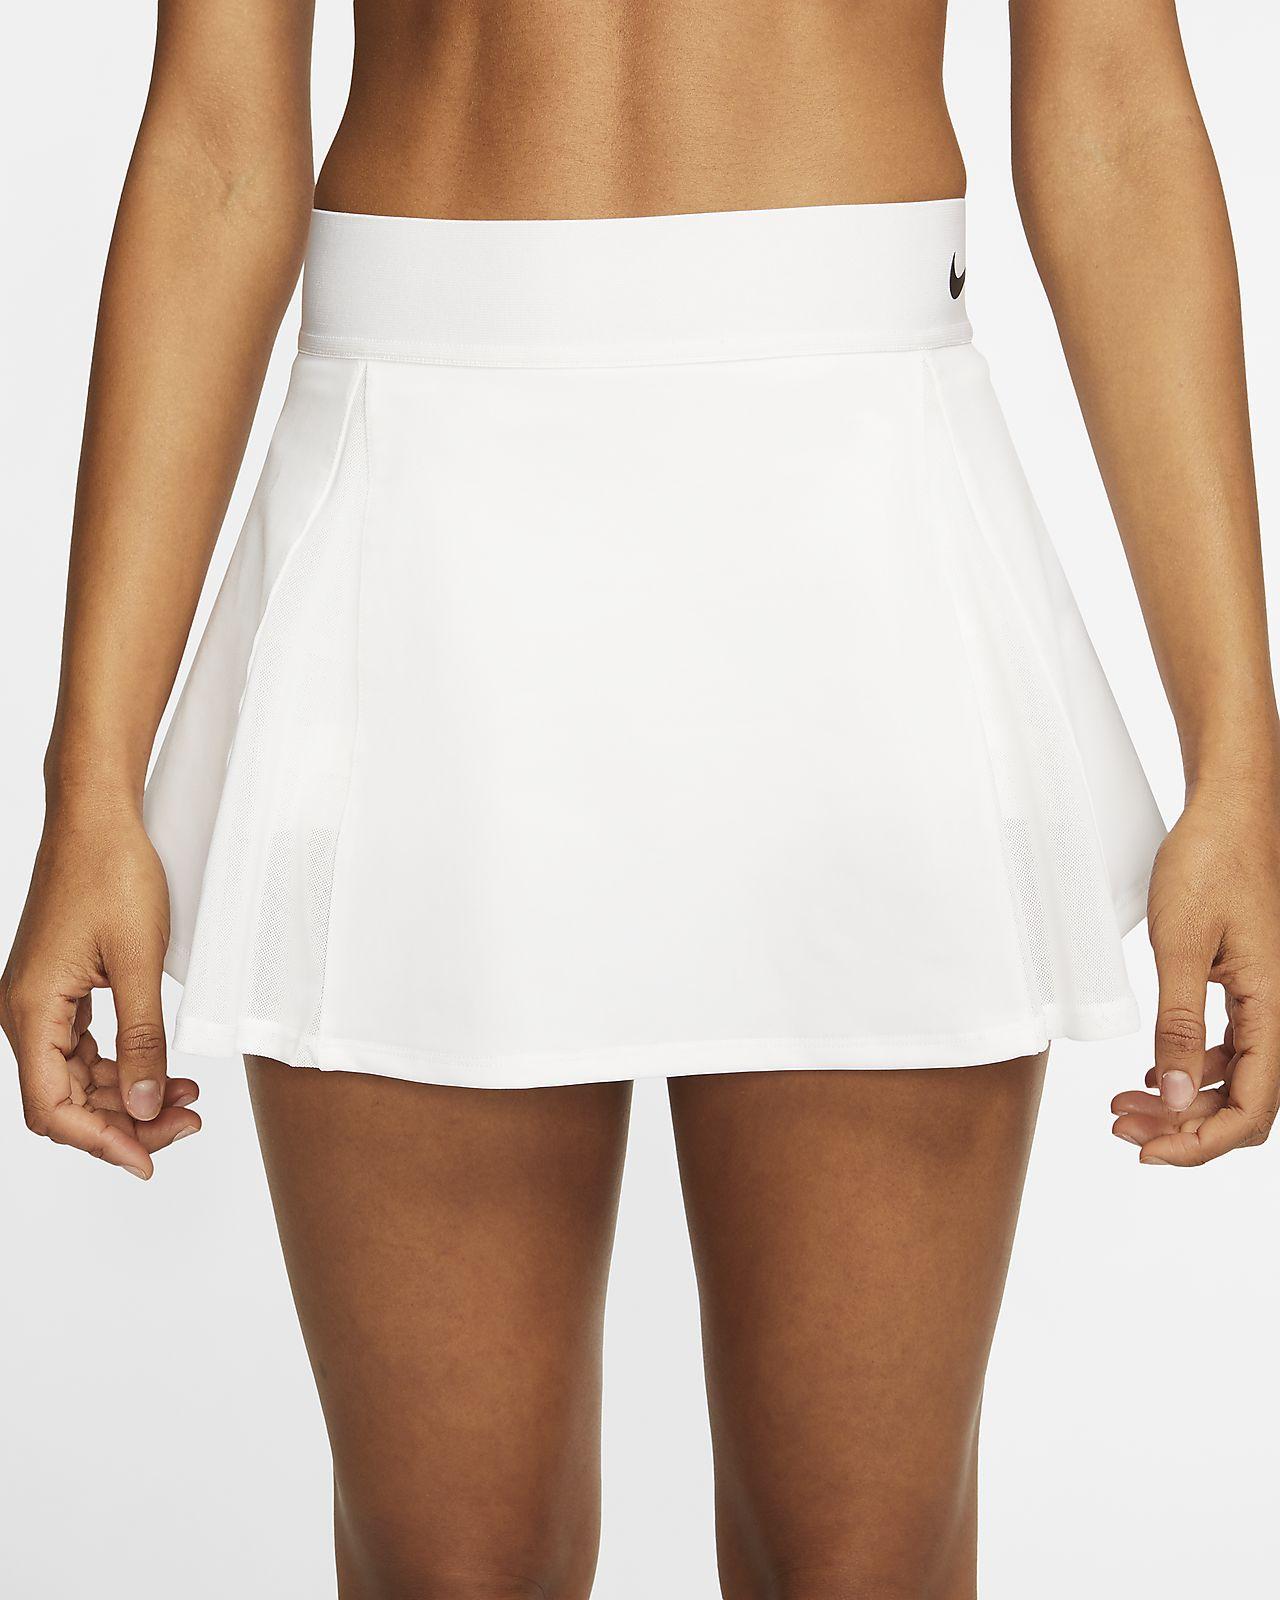 NikeCourt Damen-Tennisrock